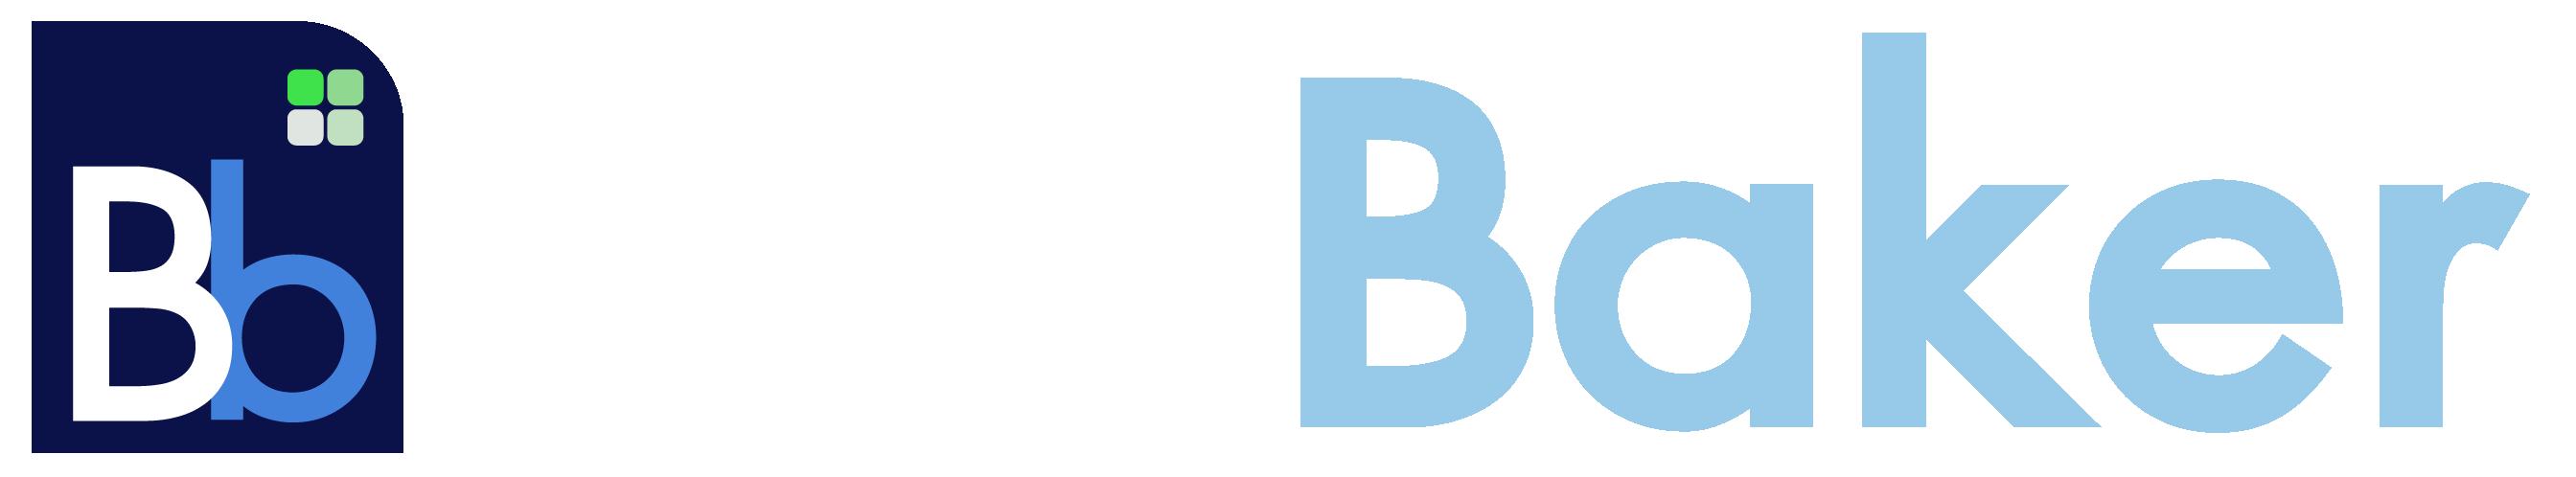 BedBaker